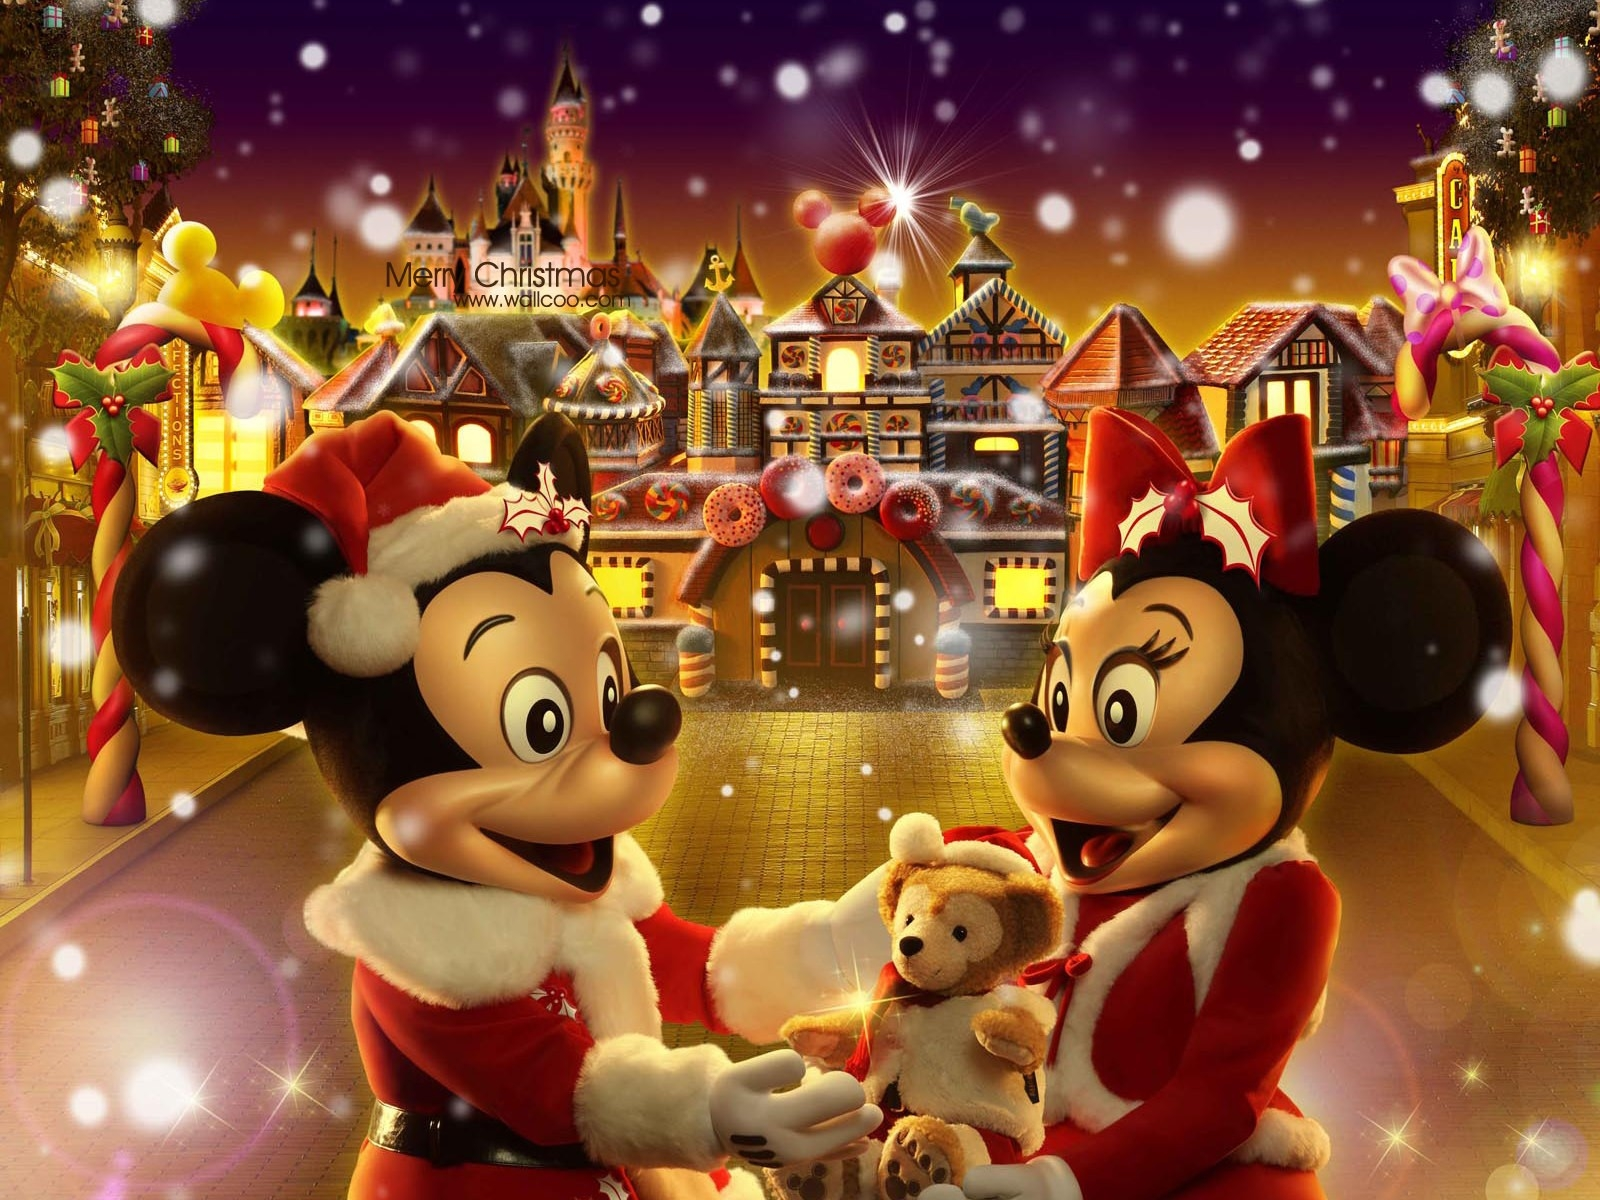 http://4.bp.blogspot.com/-noOYL9RpgdA/TuaIhpuRBQI/AAAAAAAADgM/aMbSFWGyoDw/s1600-d/Merry.Christmas.7.jpg